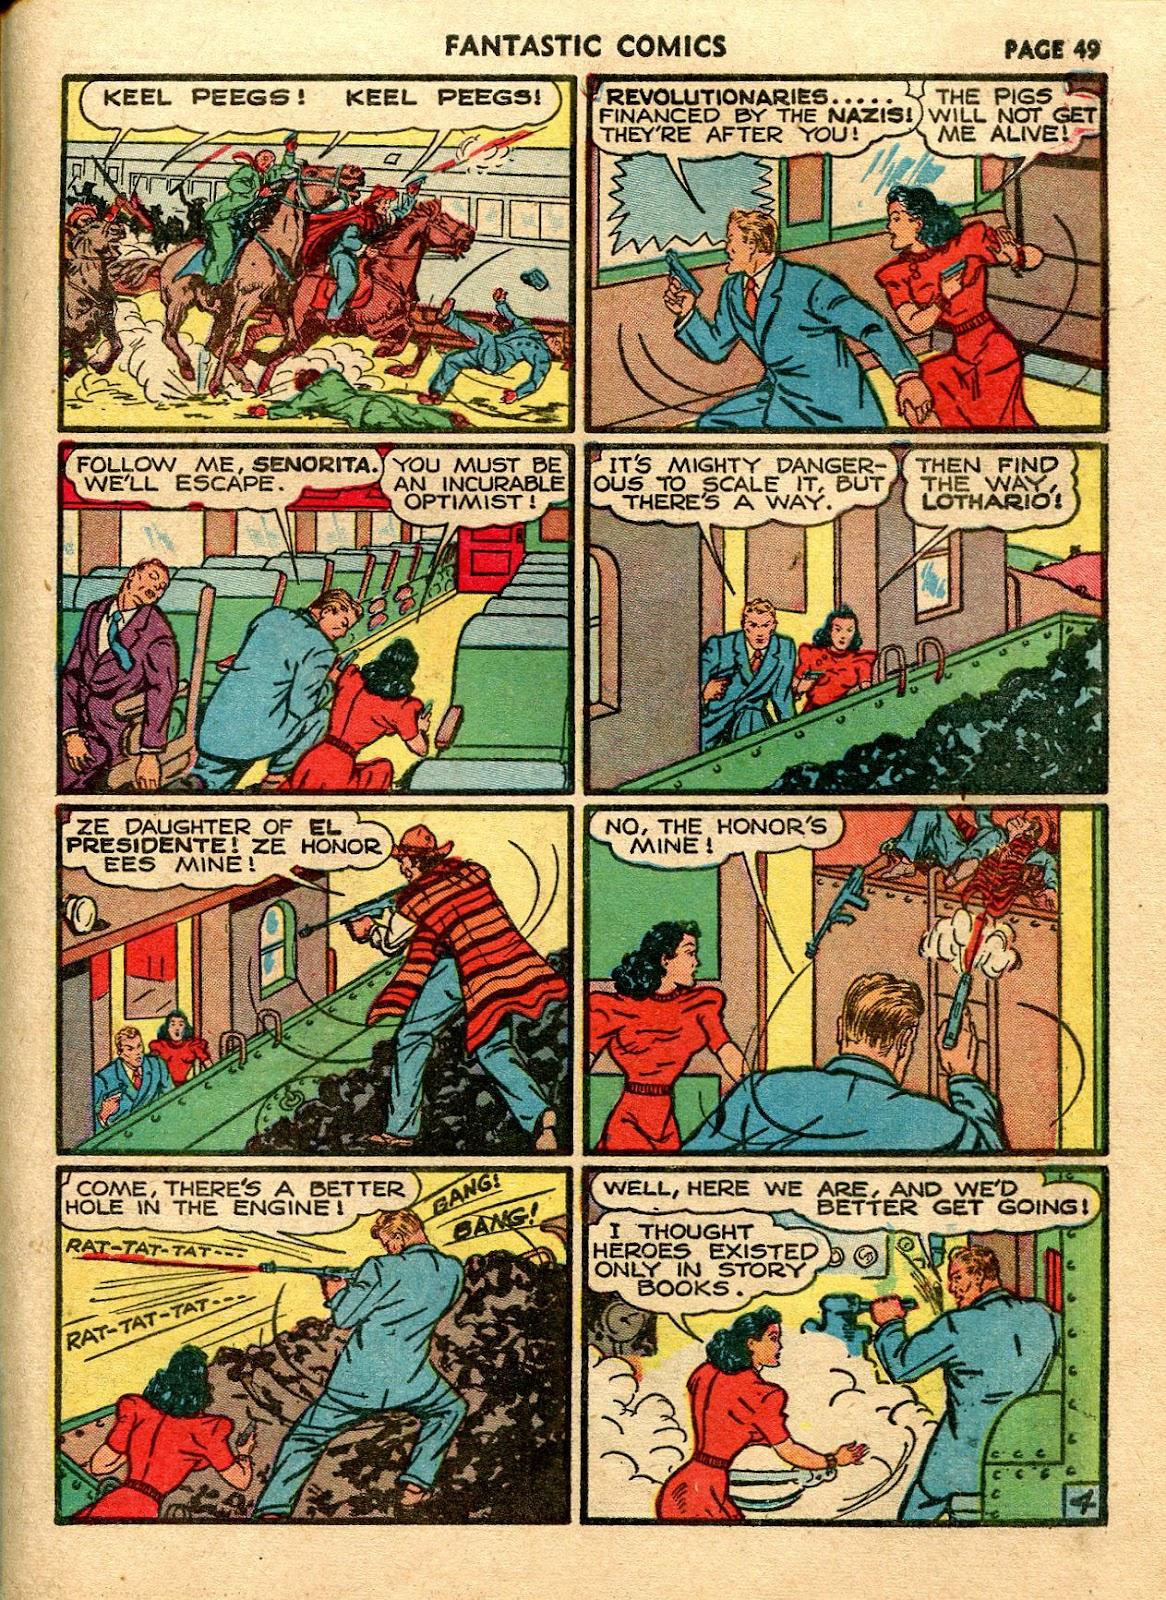 Read online Fantastic Comics comic -  Issue #21 - 47